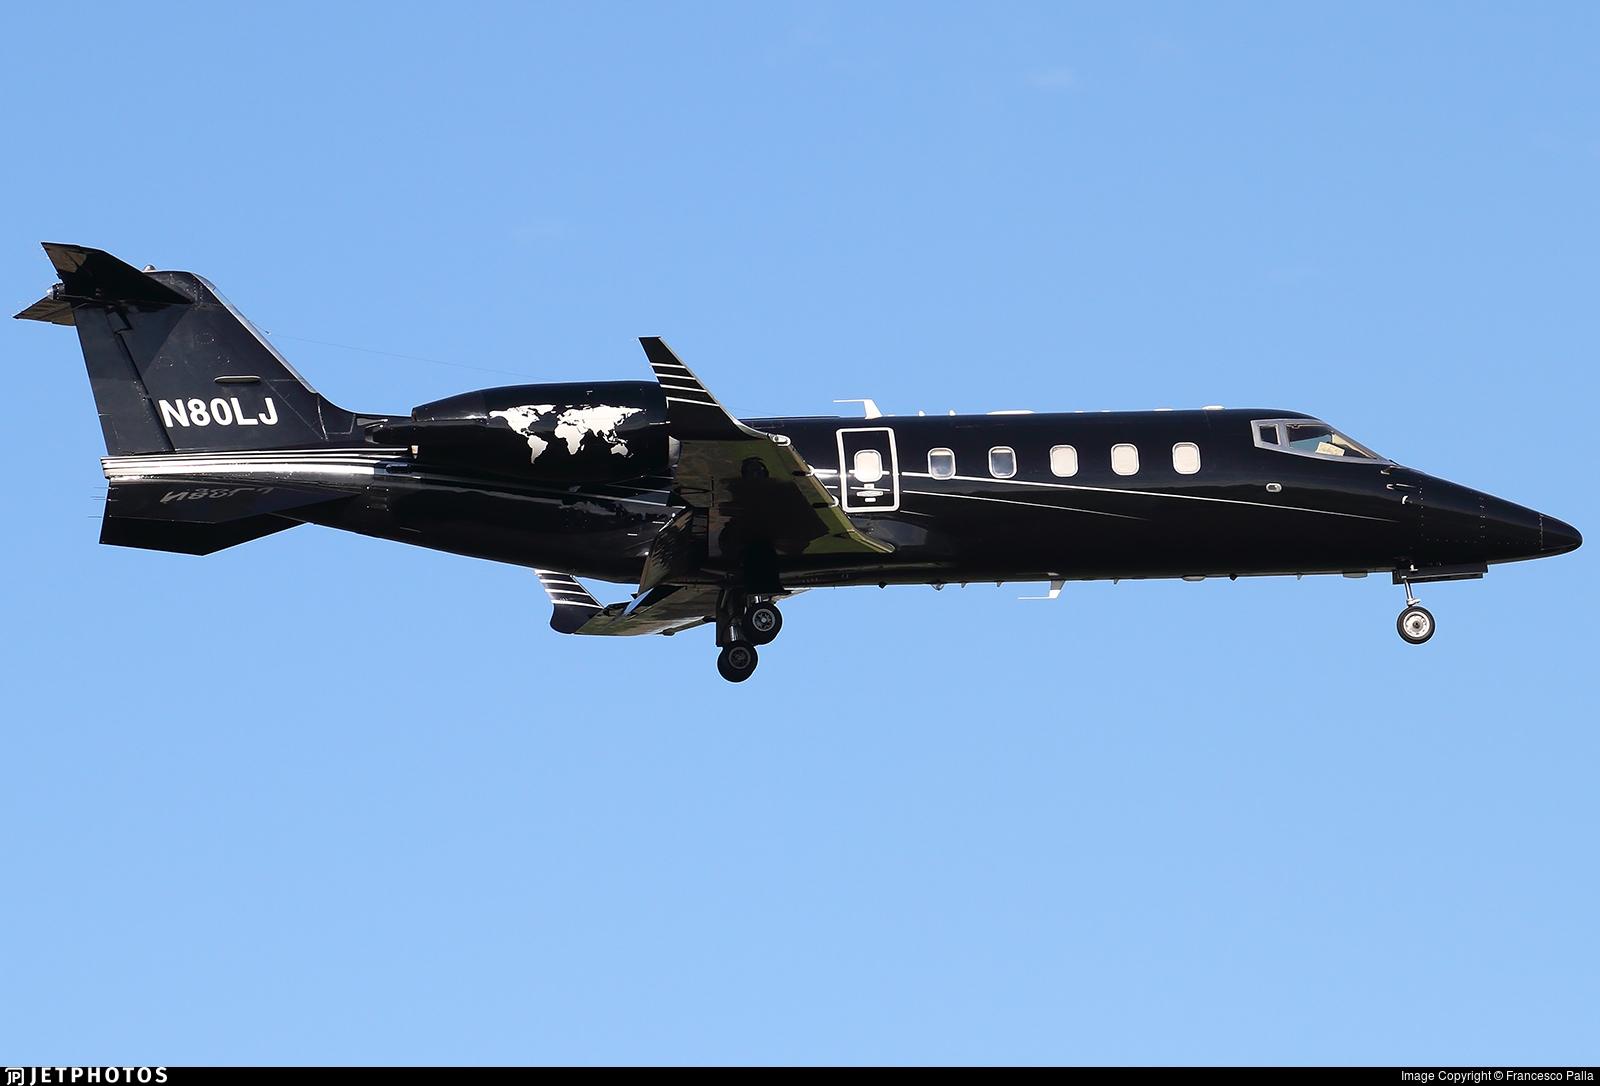 N80LJ - Bombardier Learjet 60 - Private